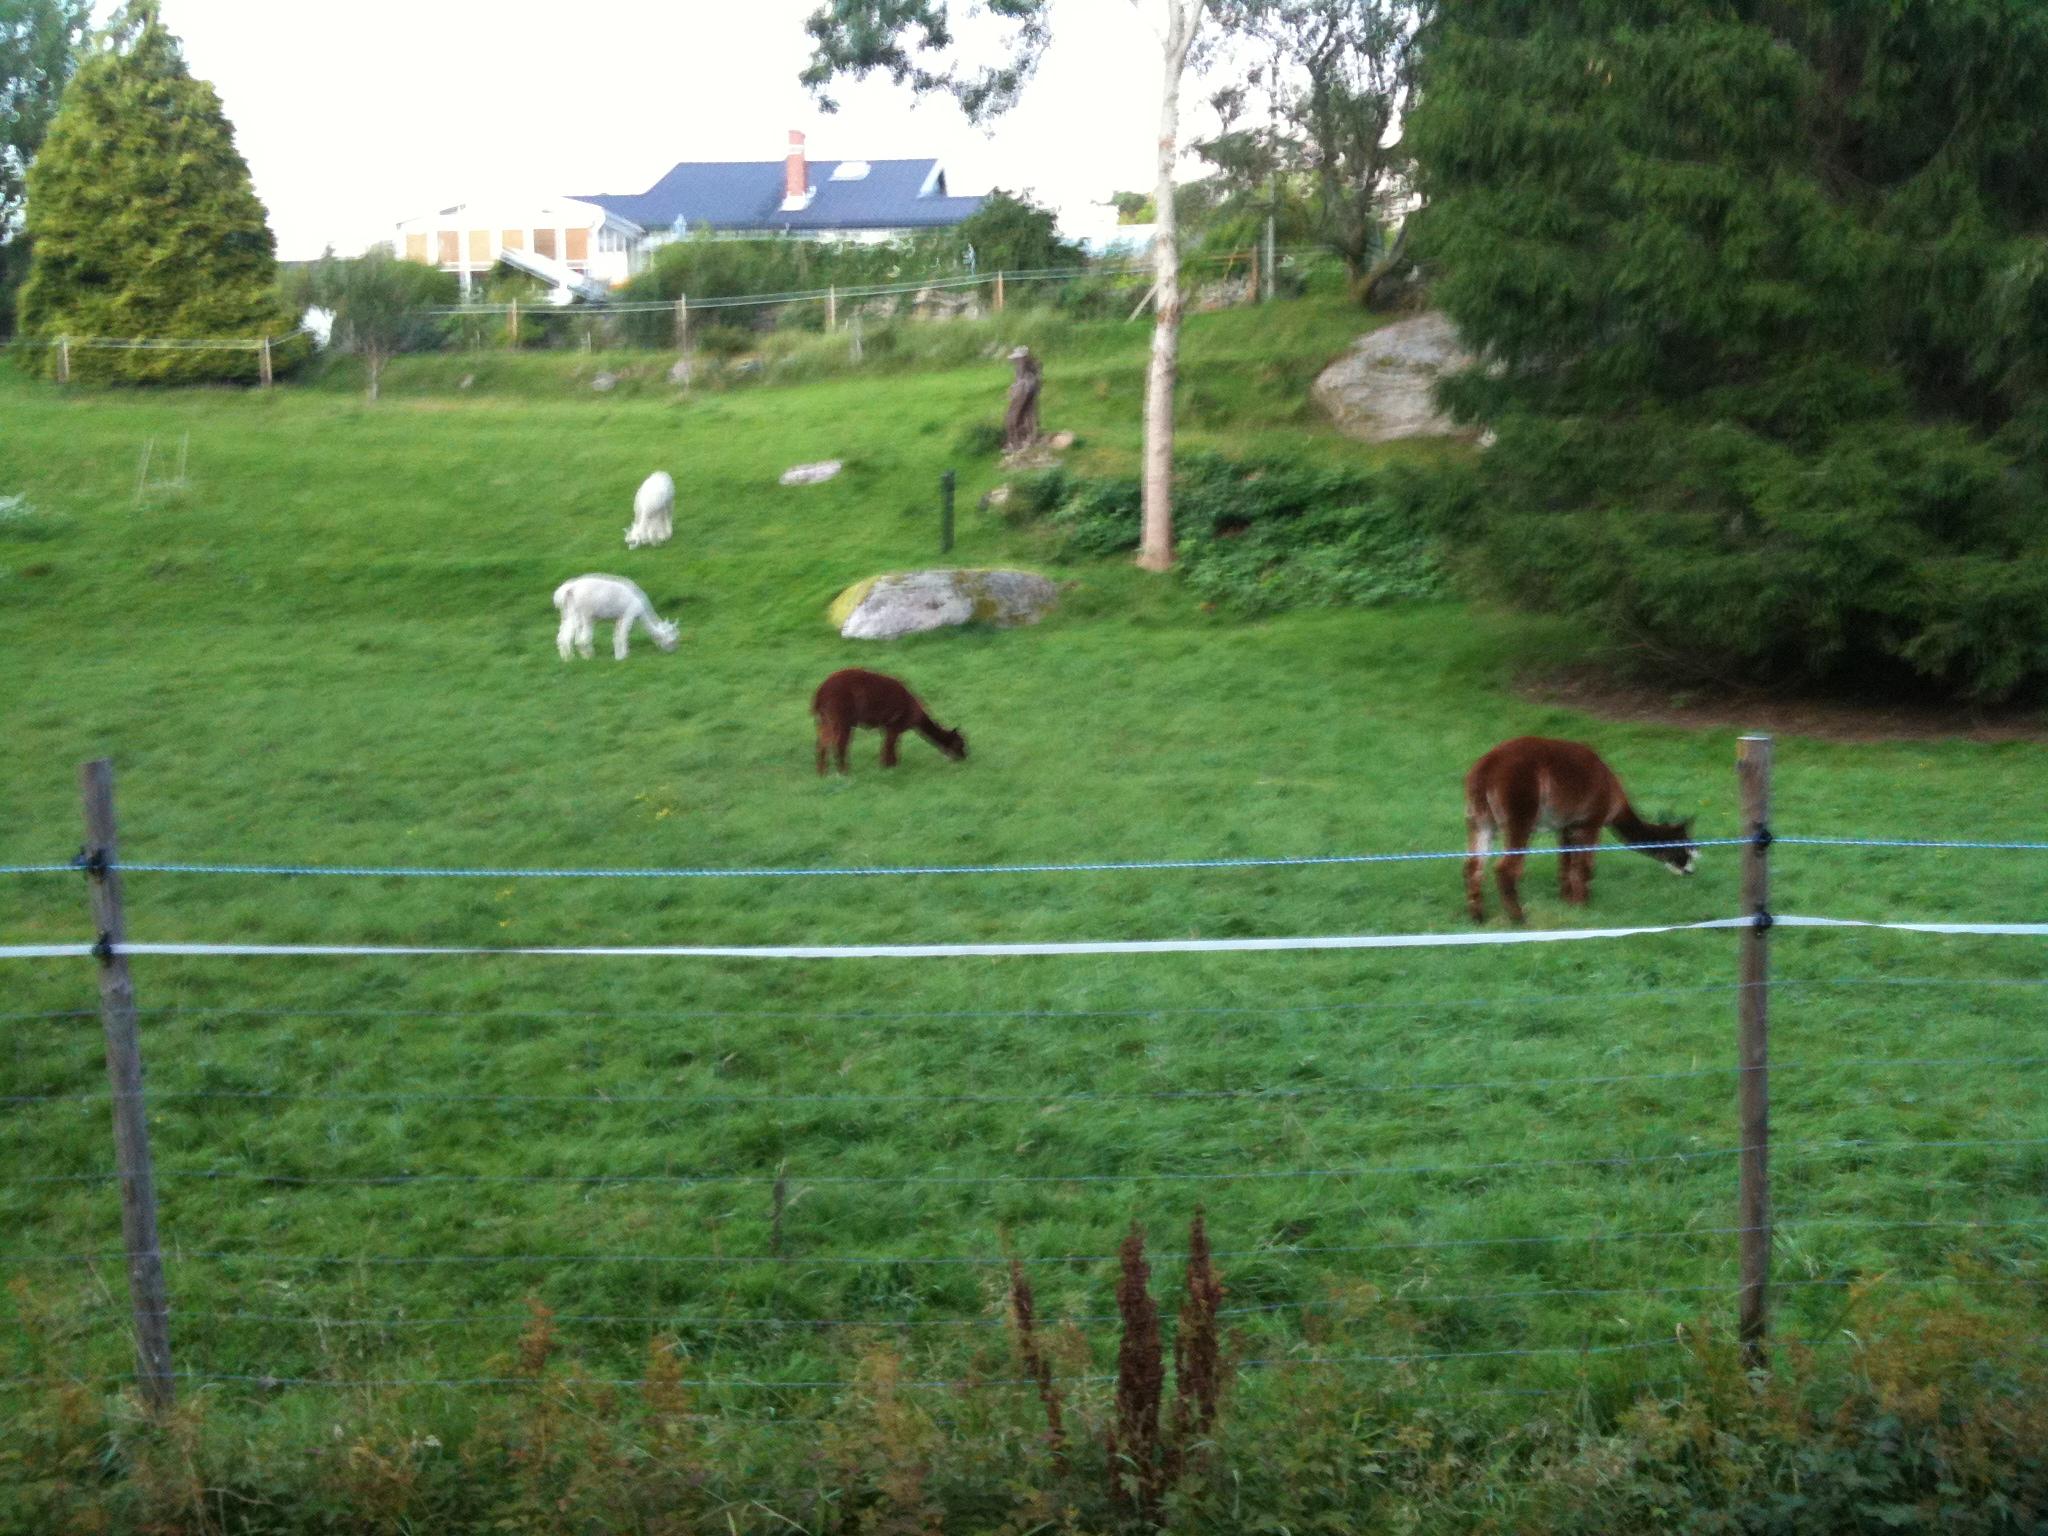 Alpackor betande utanför Mölnlycke.